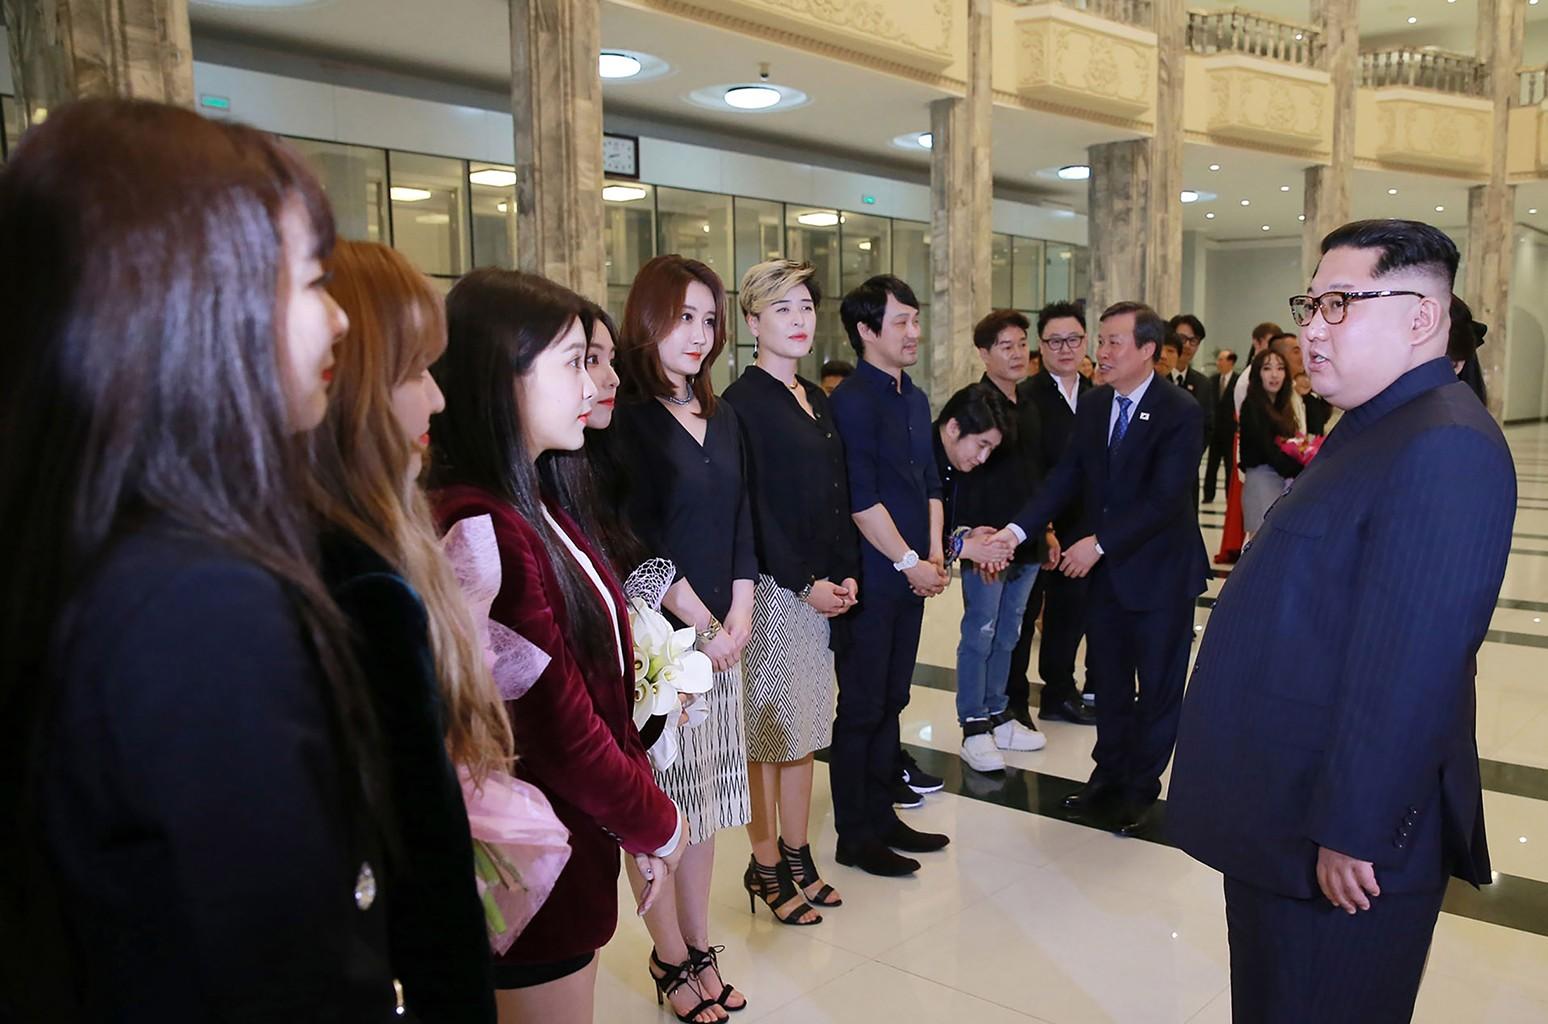 O grupo feminino Red Velvet foi escolhido para acompanhar a visita das autoridades sul-coreanas à Coréia do Norte, em 2018. Na foto, cumprimentam o líder Kim Jong-um.